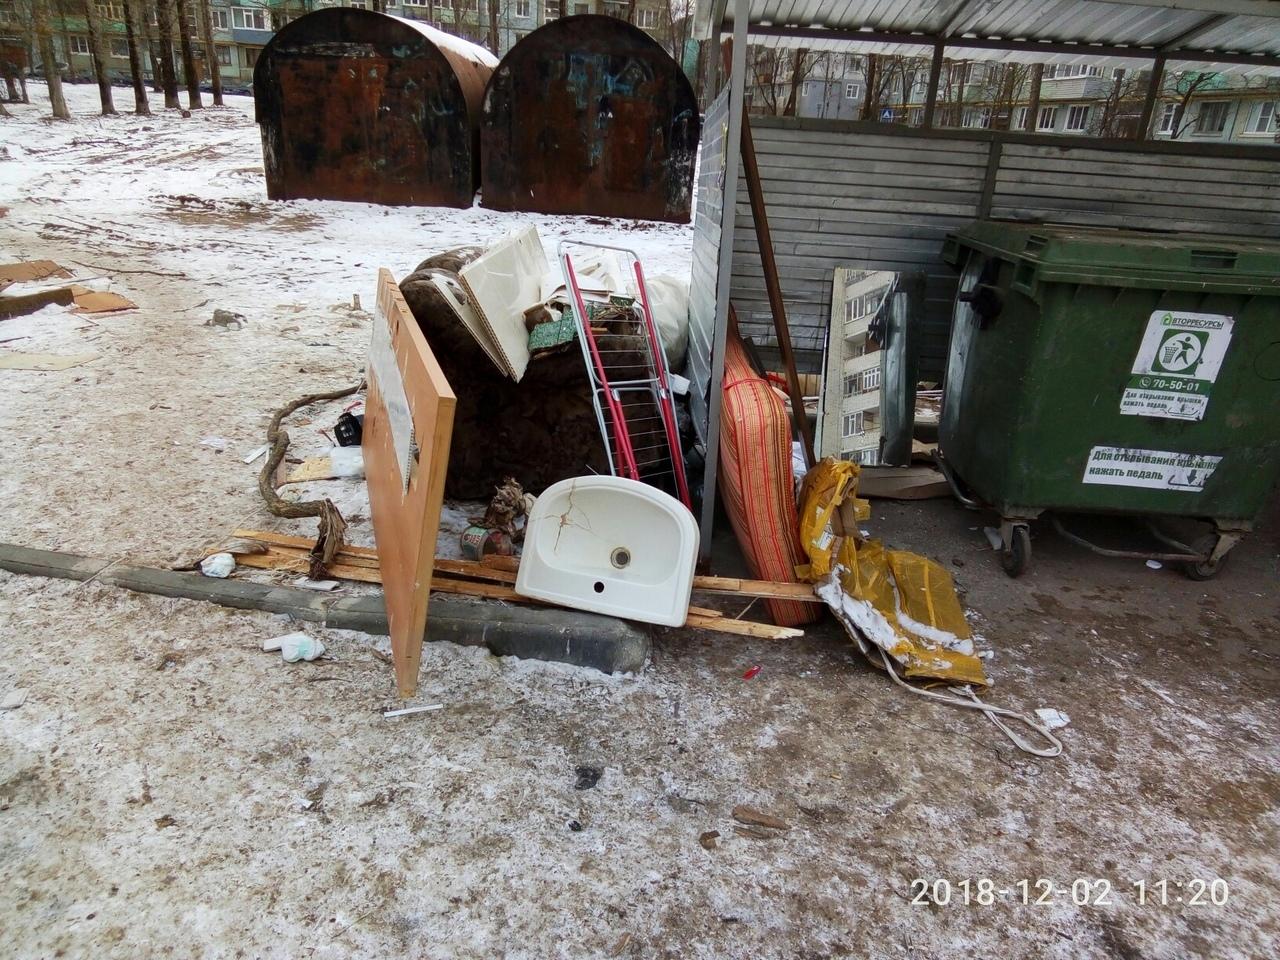 С 1 января 2019 года тариф за вывоз мусора в Вологодской области может составить 140 рублей с человека